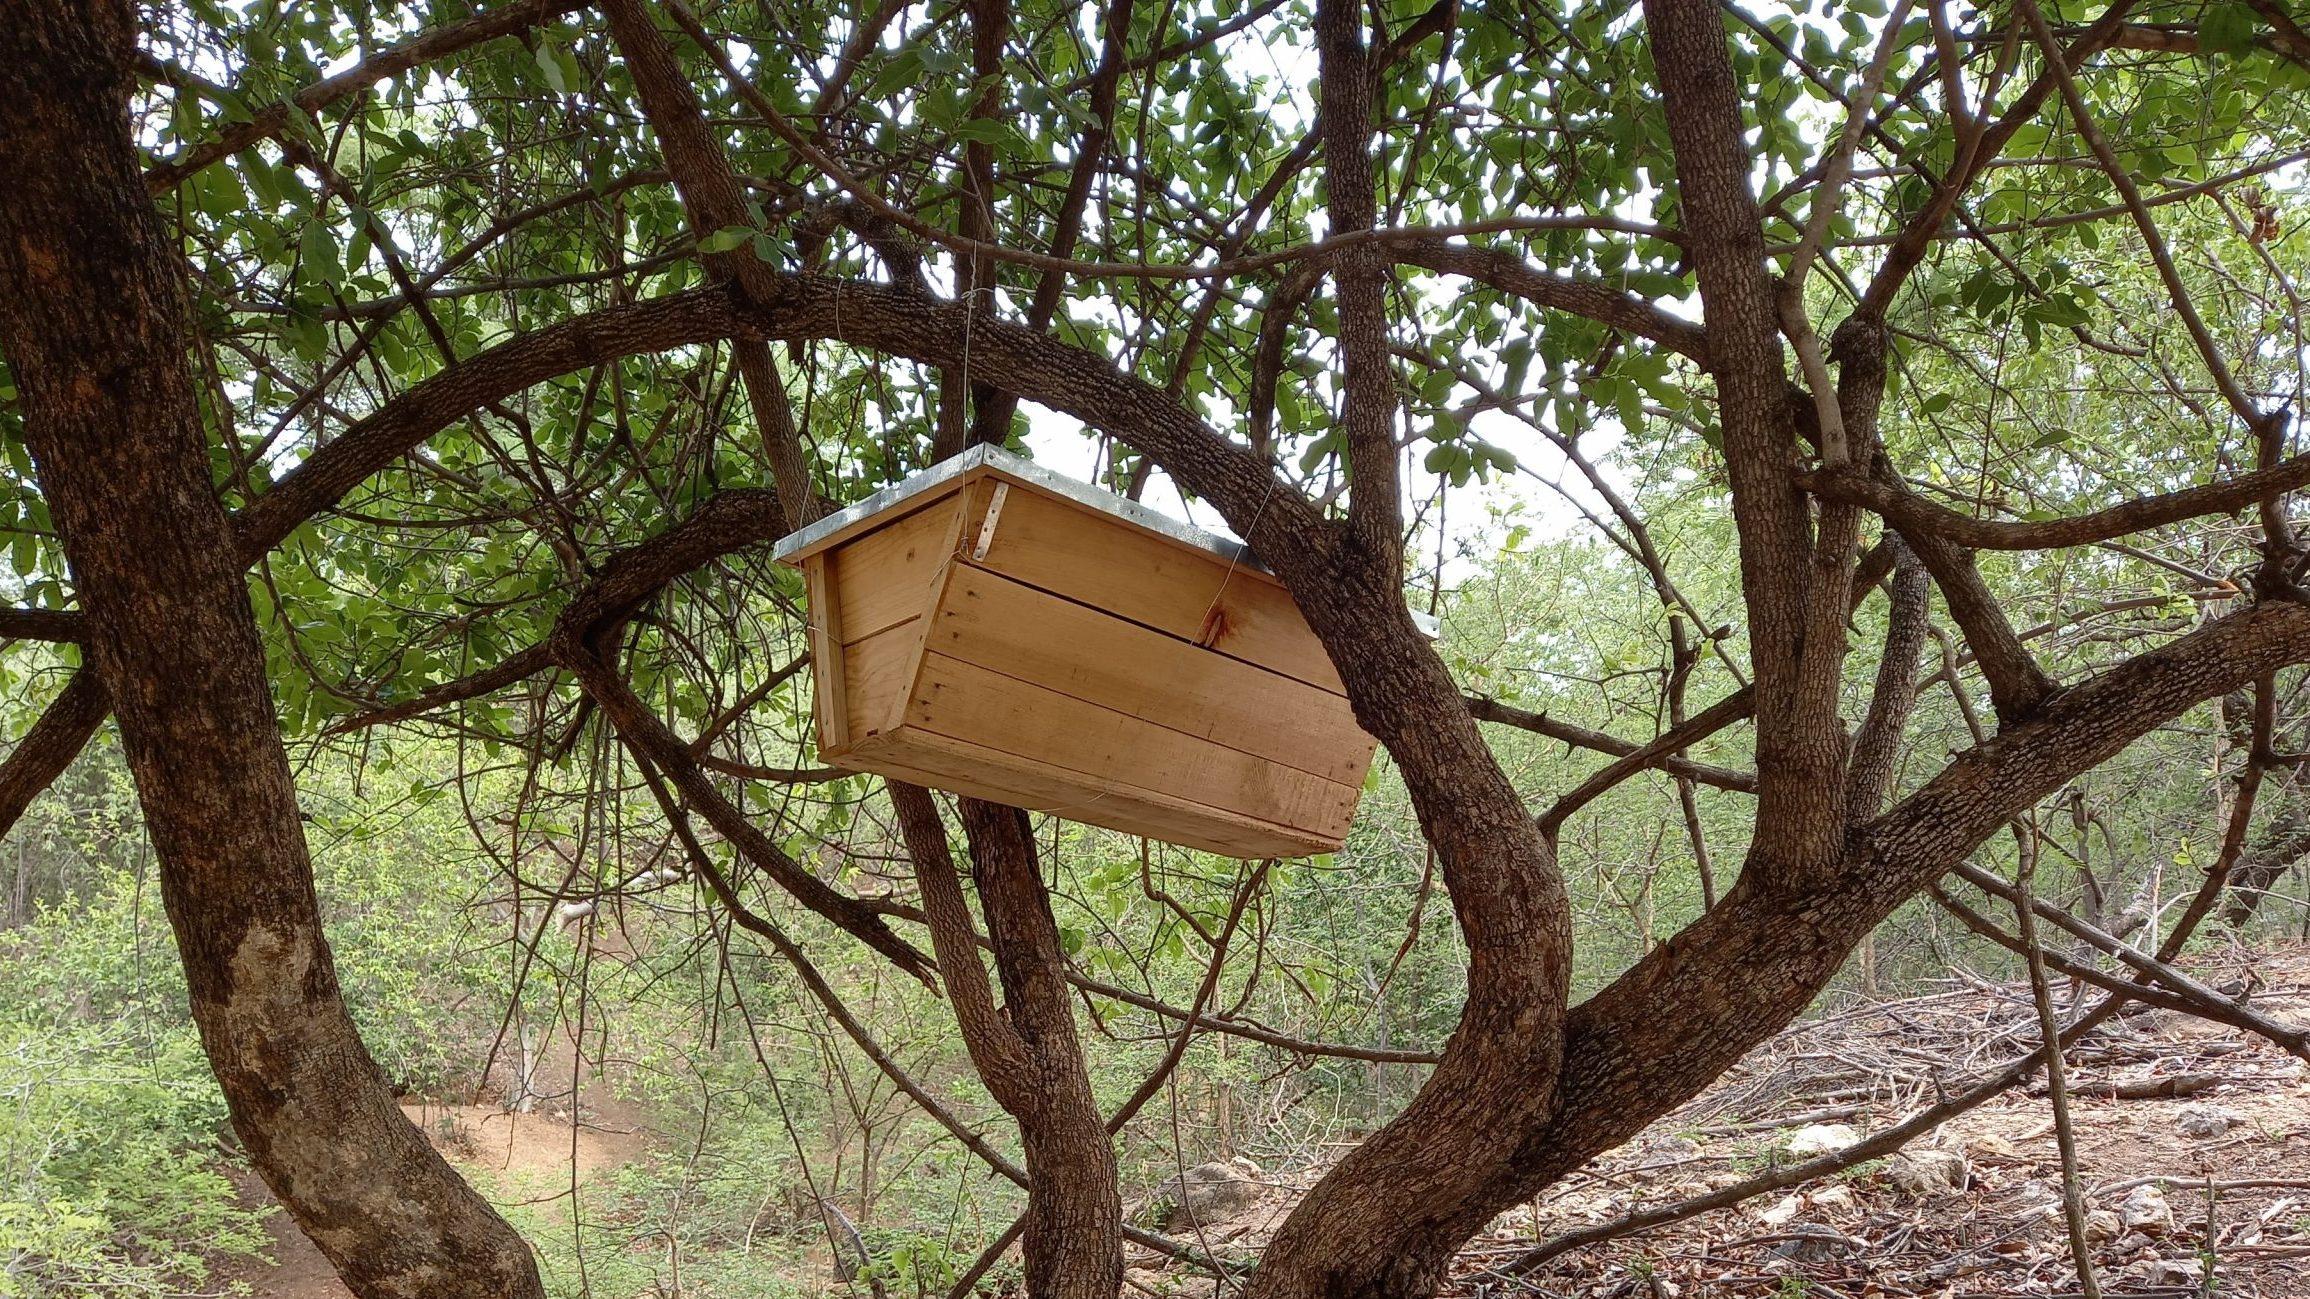 beekeeping for economic revenue